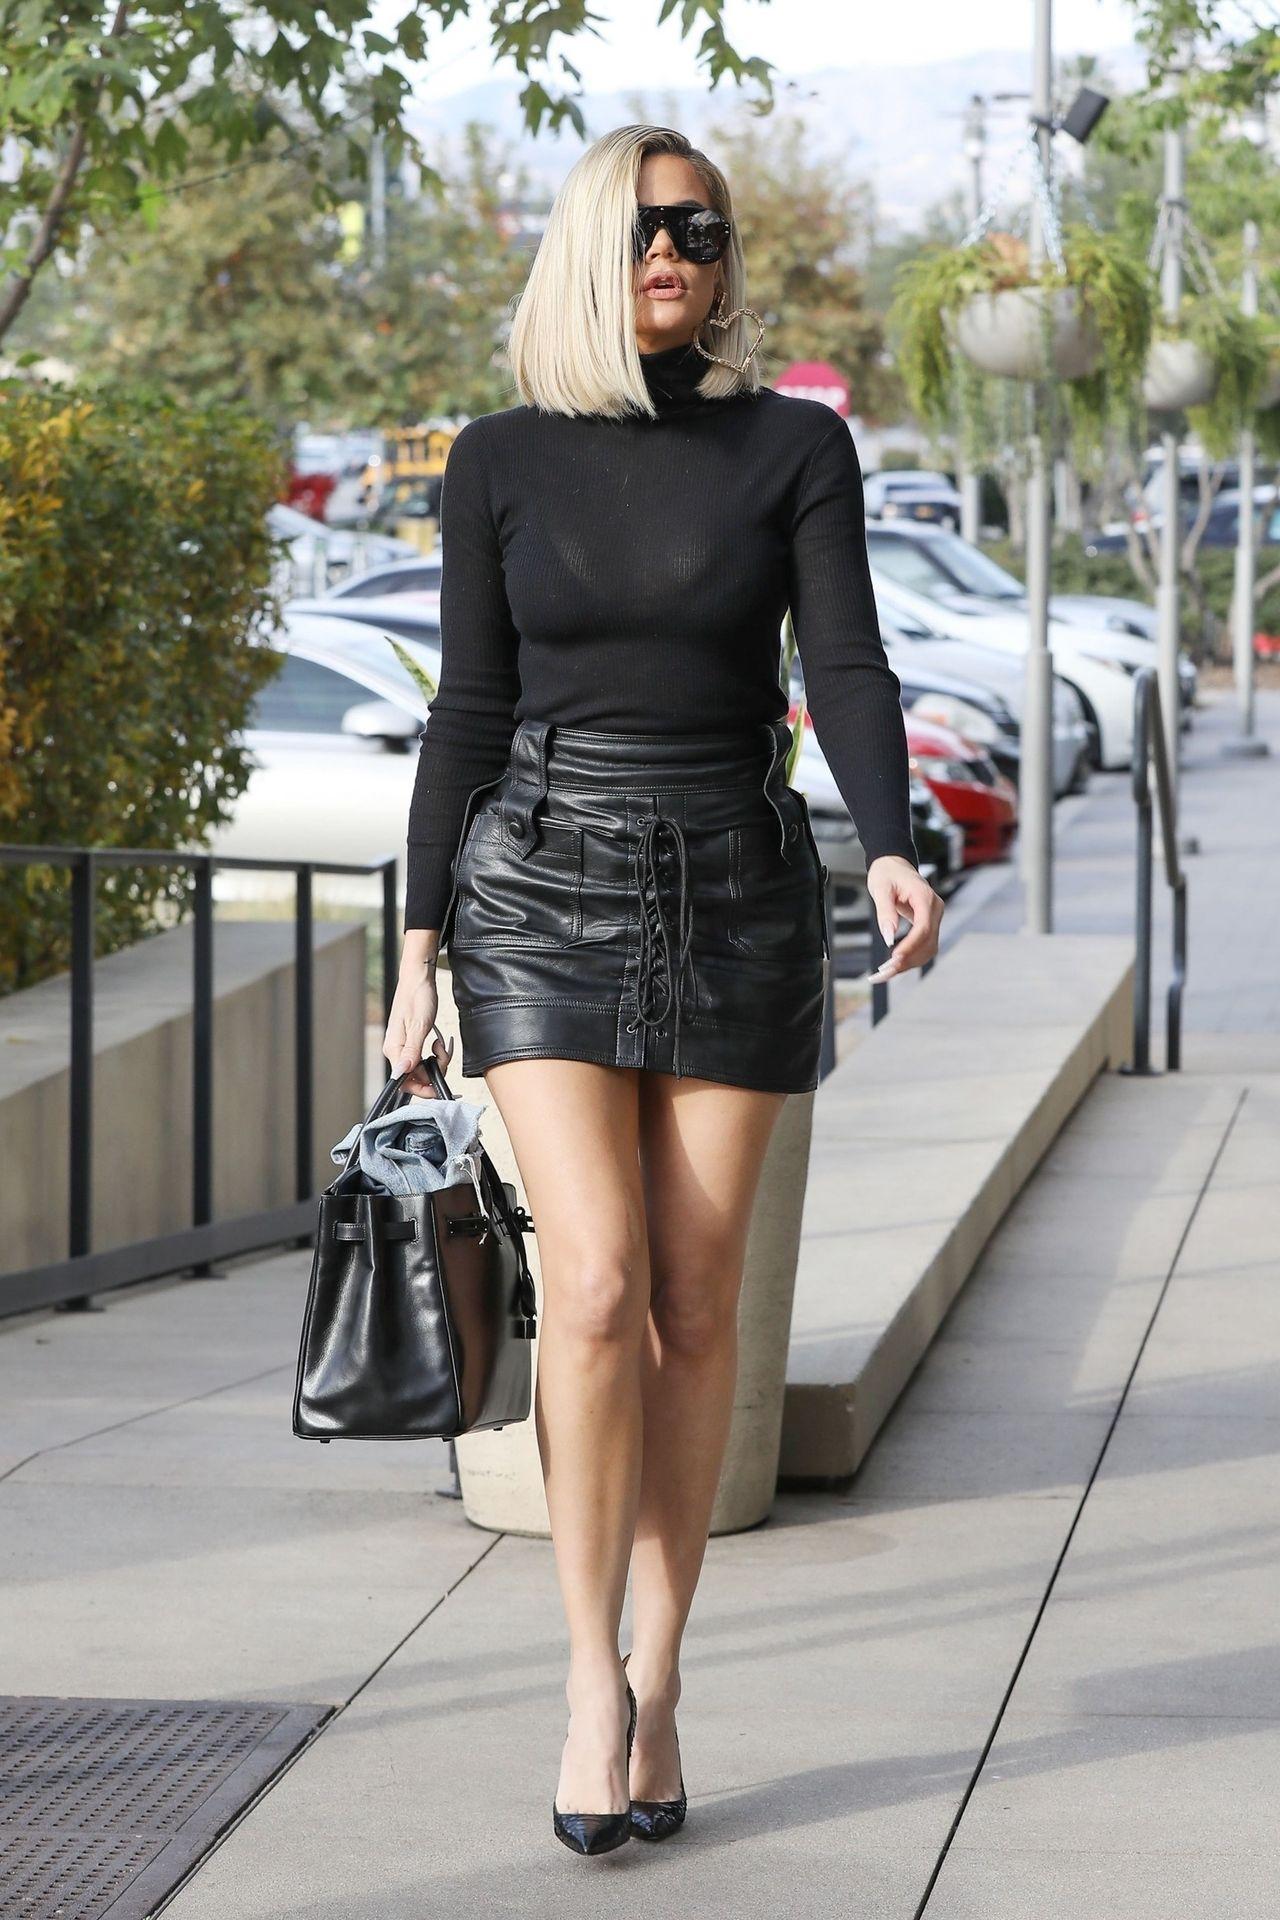 Czarna mini i obcisły golf - Khloe Kardashian w stylu lat 70.